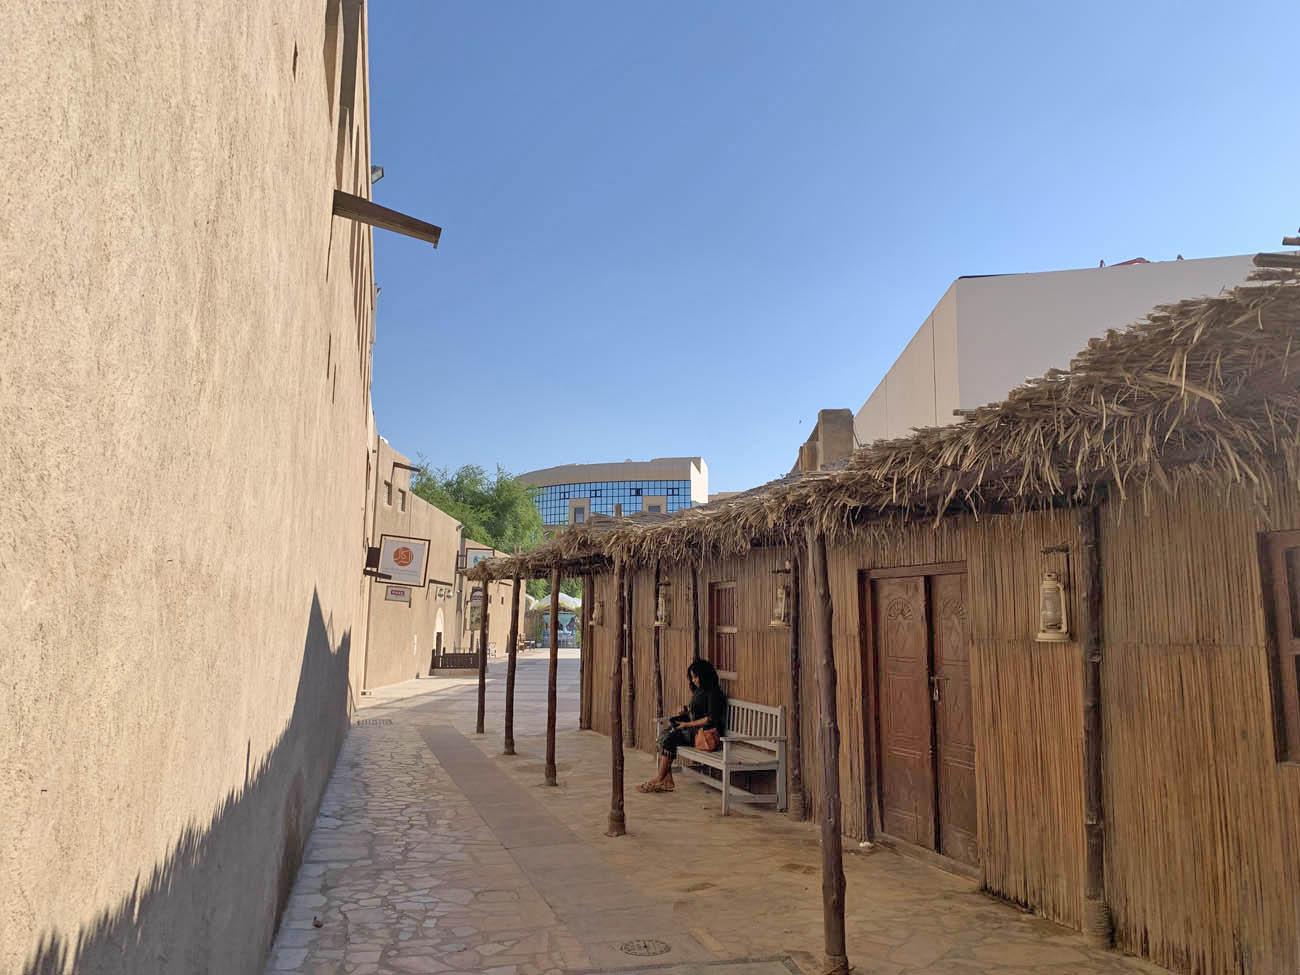 distrito histórico Al Bastakiya - Al Fahidi - Dubai